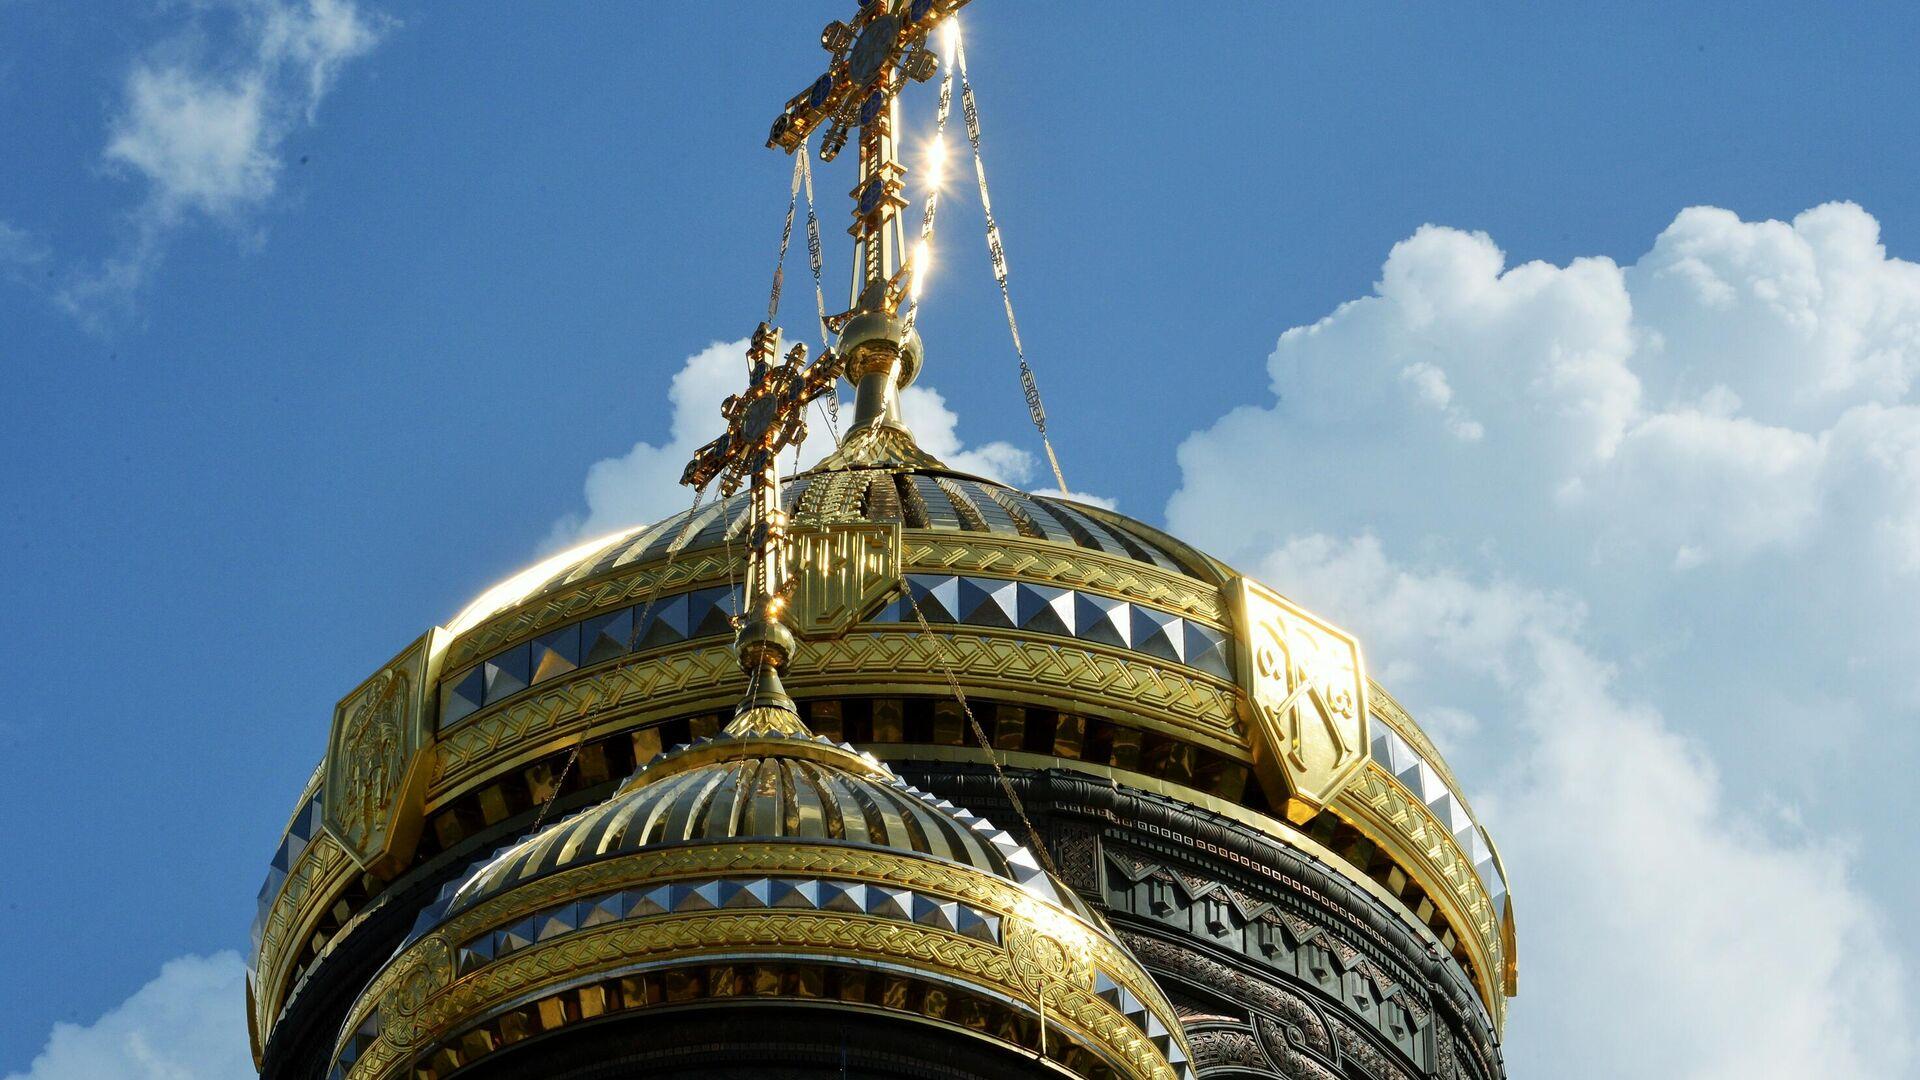 Купола Главного храма Вооруженных сил РФ в парке Патриот. - РИА Новости, 1920, 10.07.2020